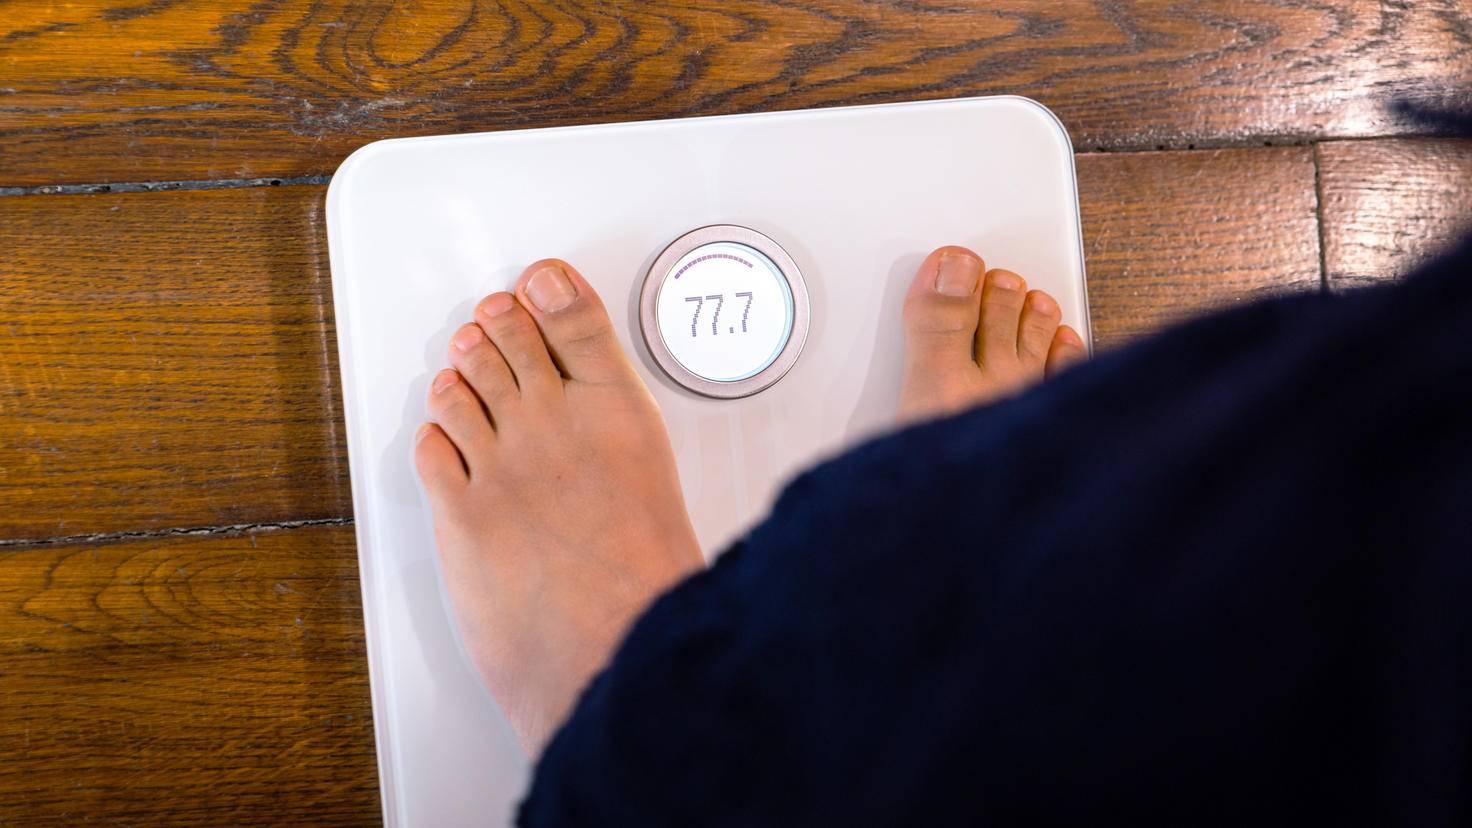 Anschließend folg die Angabe des Gewichts ...